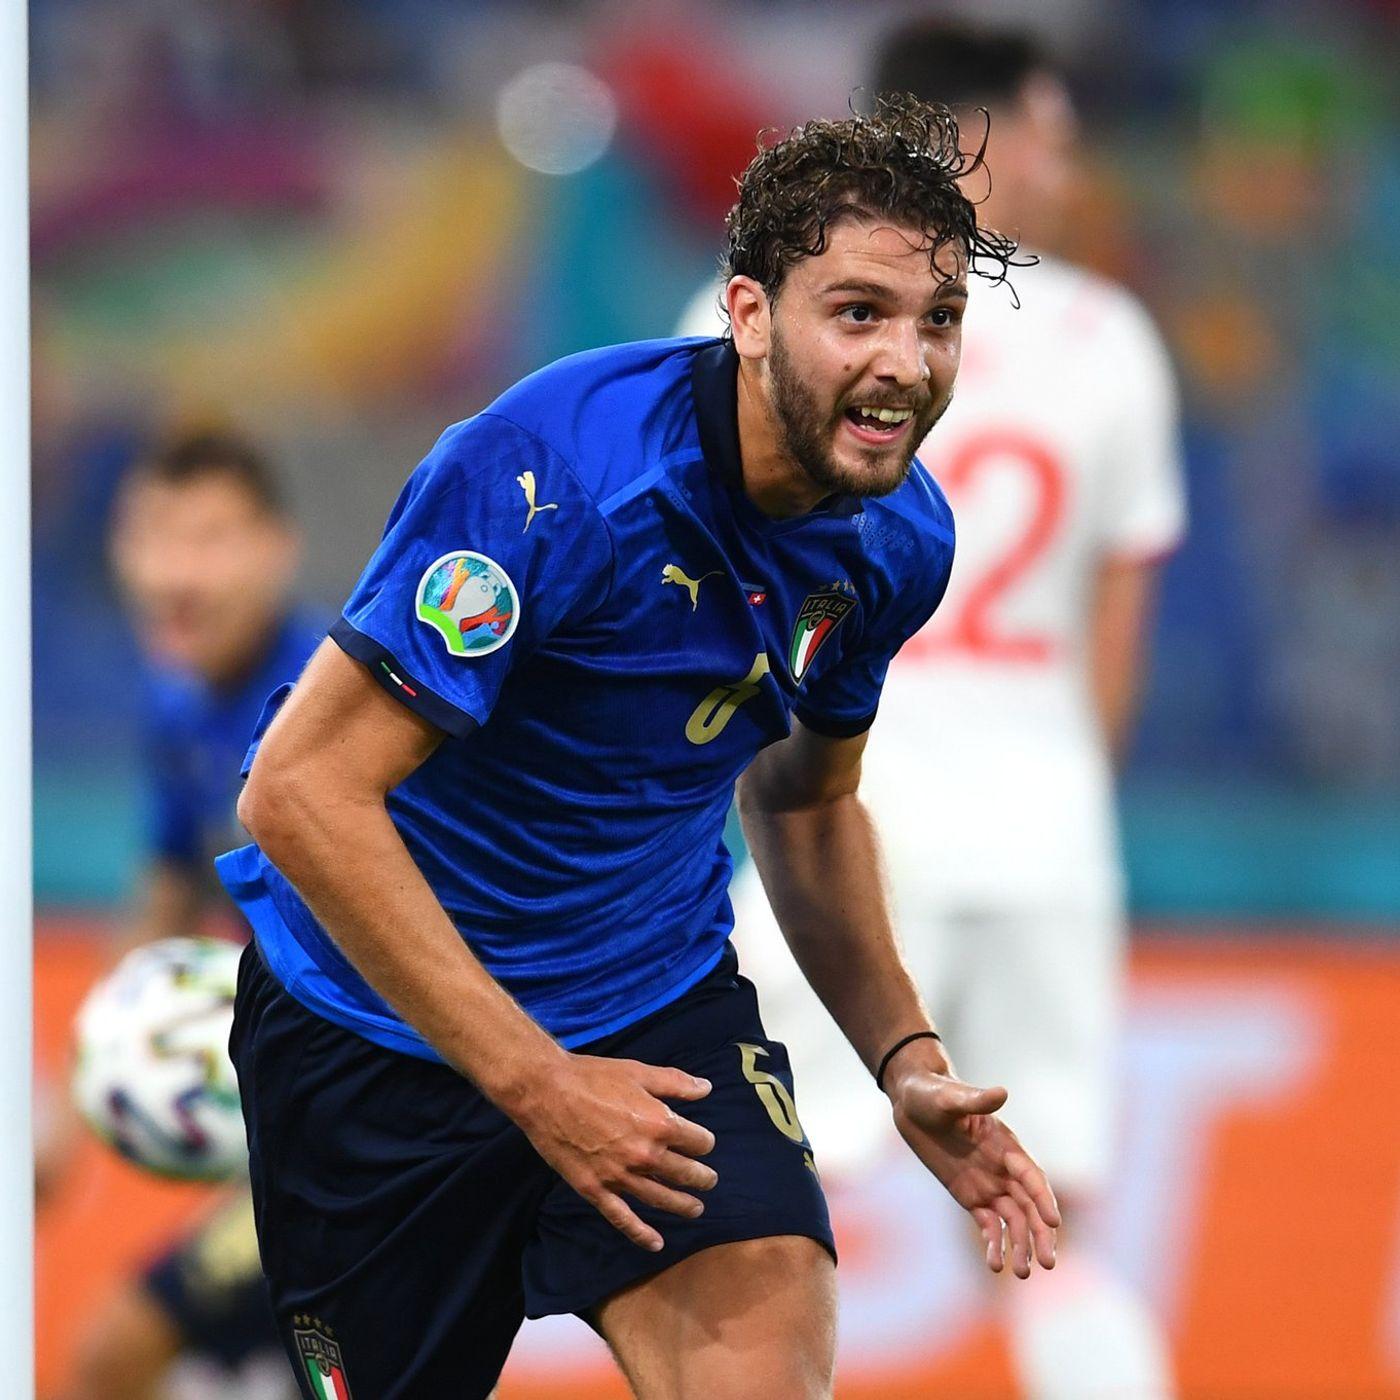 Speciale Italia vs. Svizzera